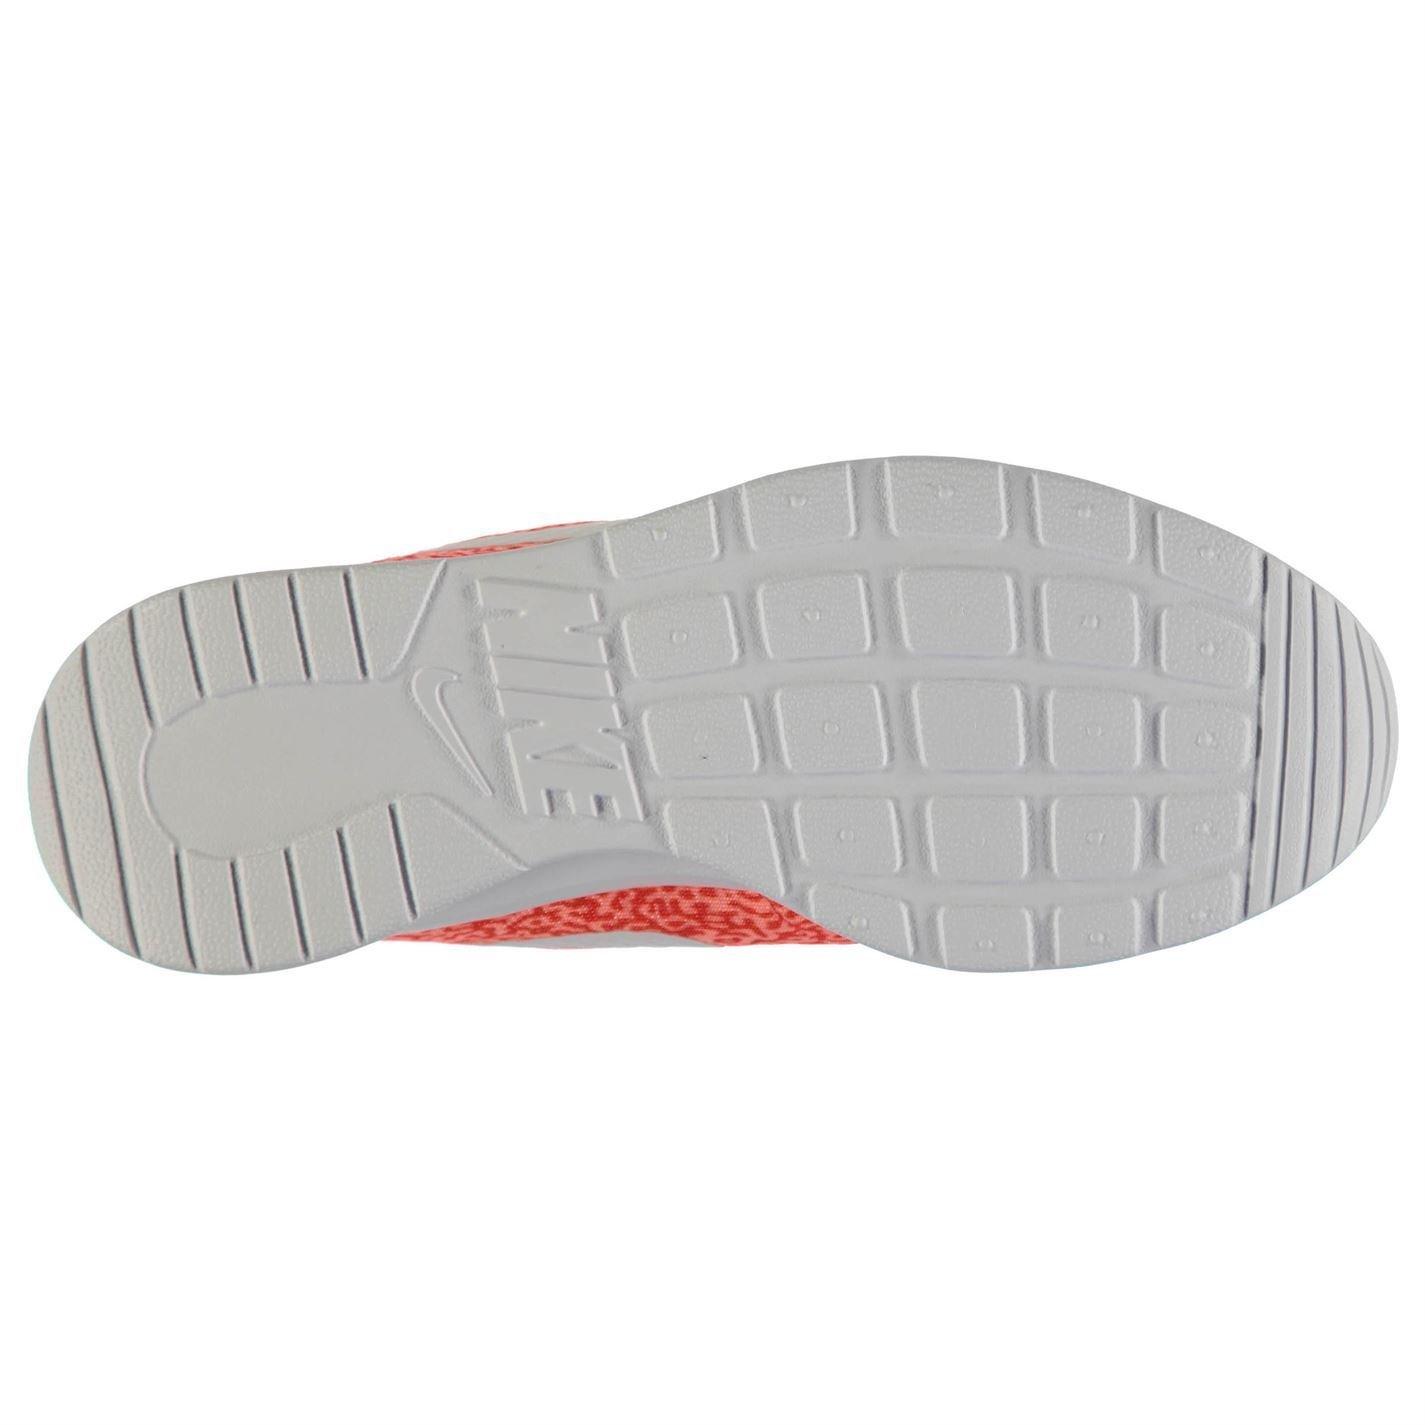 size 40 093bc 9e8ca Nike Tanjun impresión Deportes Estilo de Vida Zapatillas para Mujer Rojo/Rojo  Casual Zapatillas Zapatos, Red/Red: Amazon.es: Deportes y aire libre